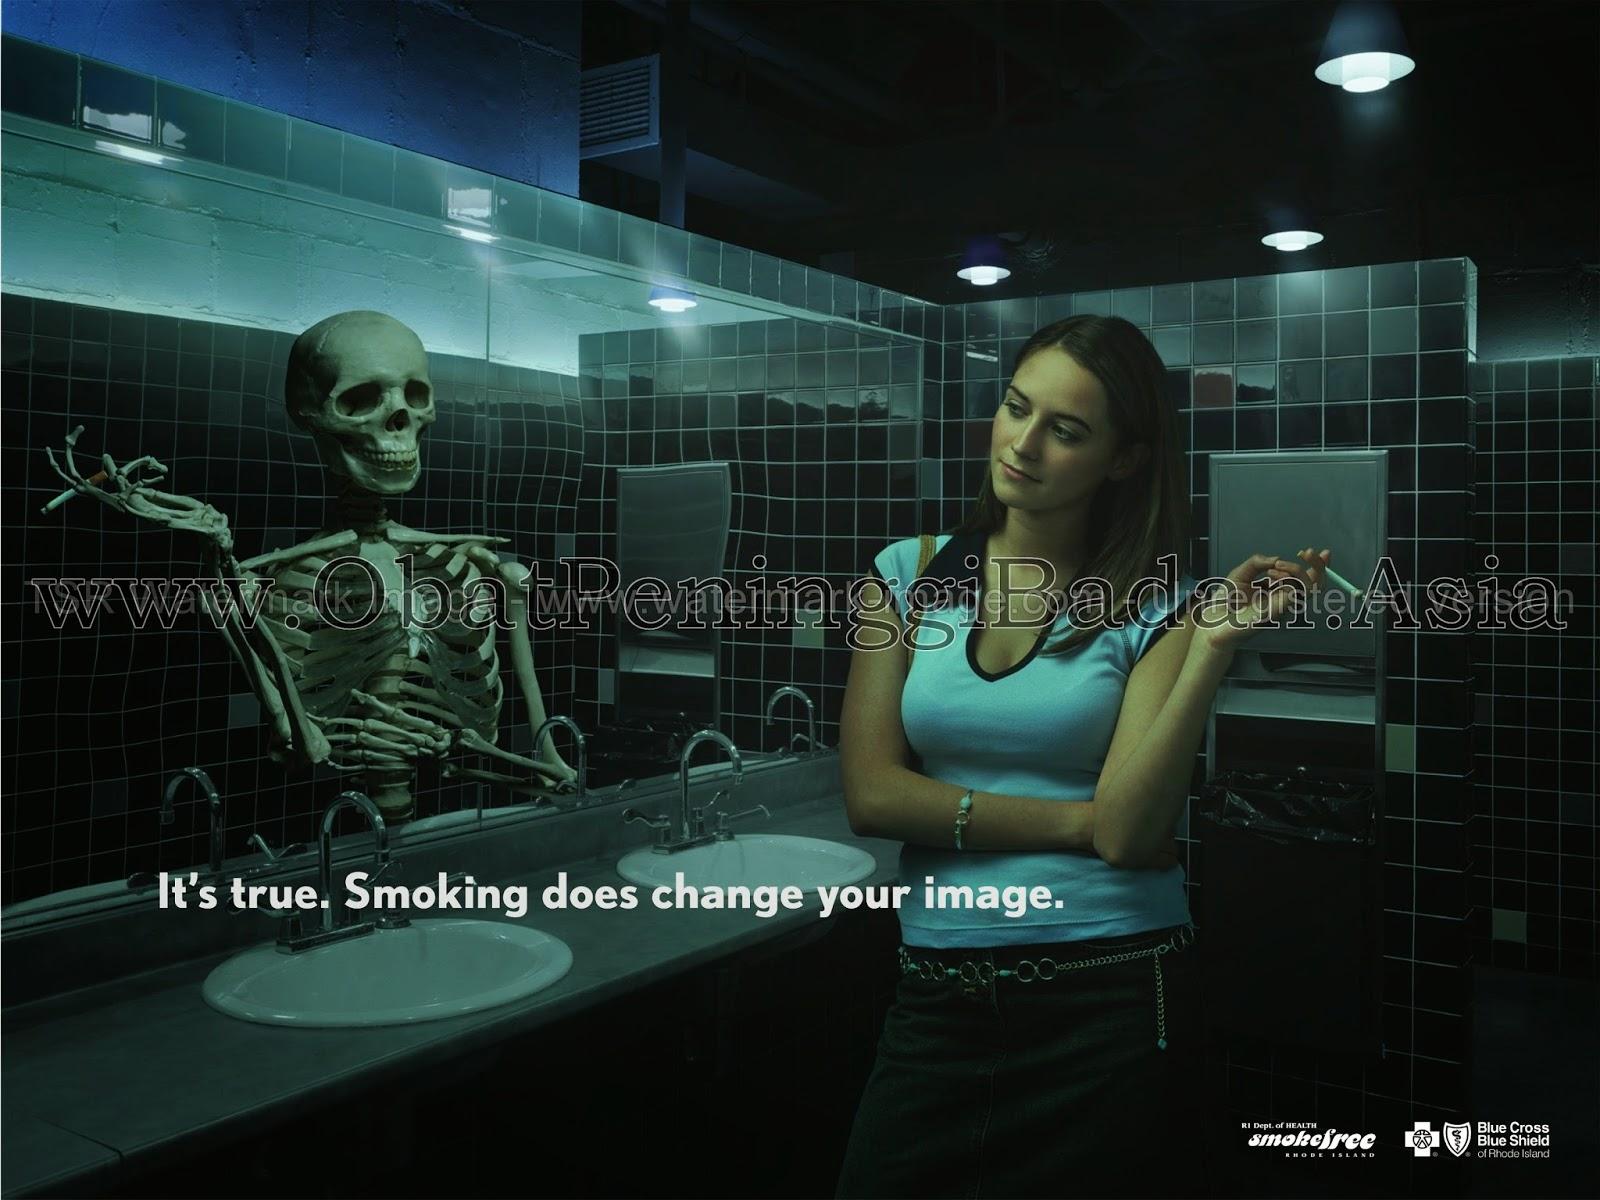 Cara Berhenti Merokok Olahraga Banyak Minum Air Spirulina Teh Glucosamine Tiens Tianshi Herbal Alami Stop Rokok Elektrik Herbal Mengurangi Rokok Dengan Cepat Tanpa Efek Samping Detox Halal Stop Rokok